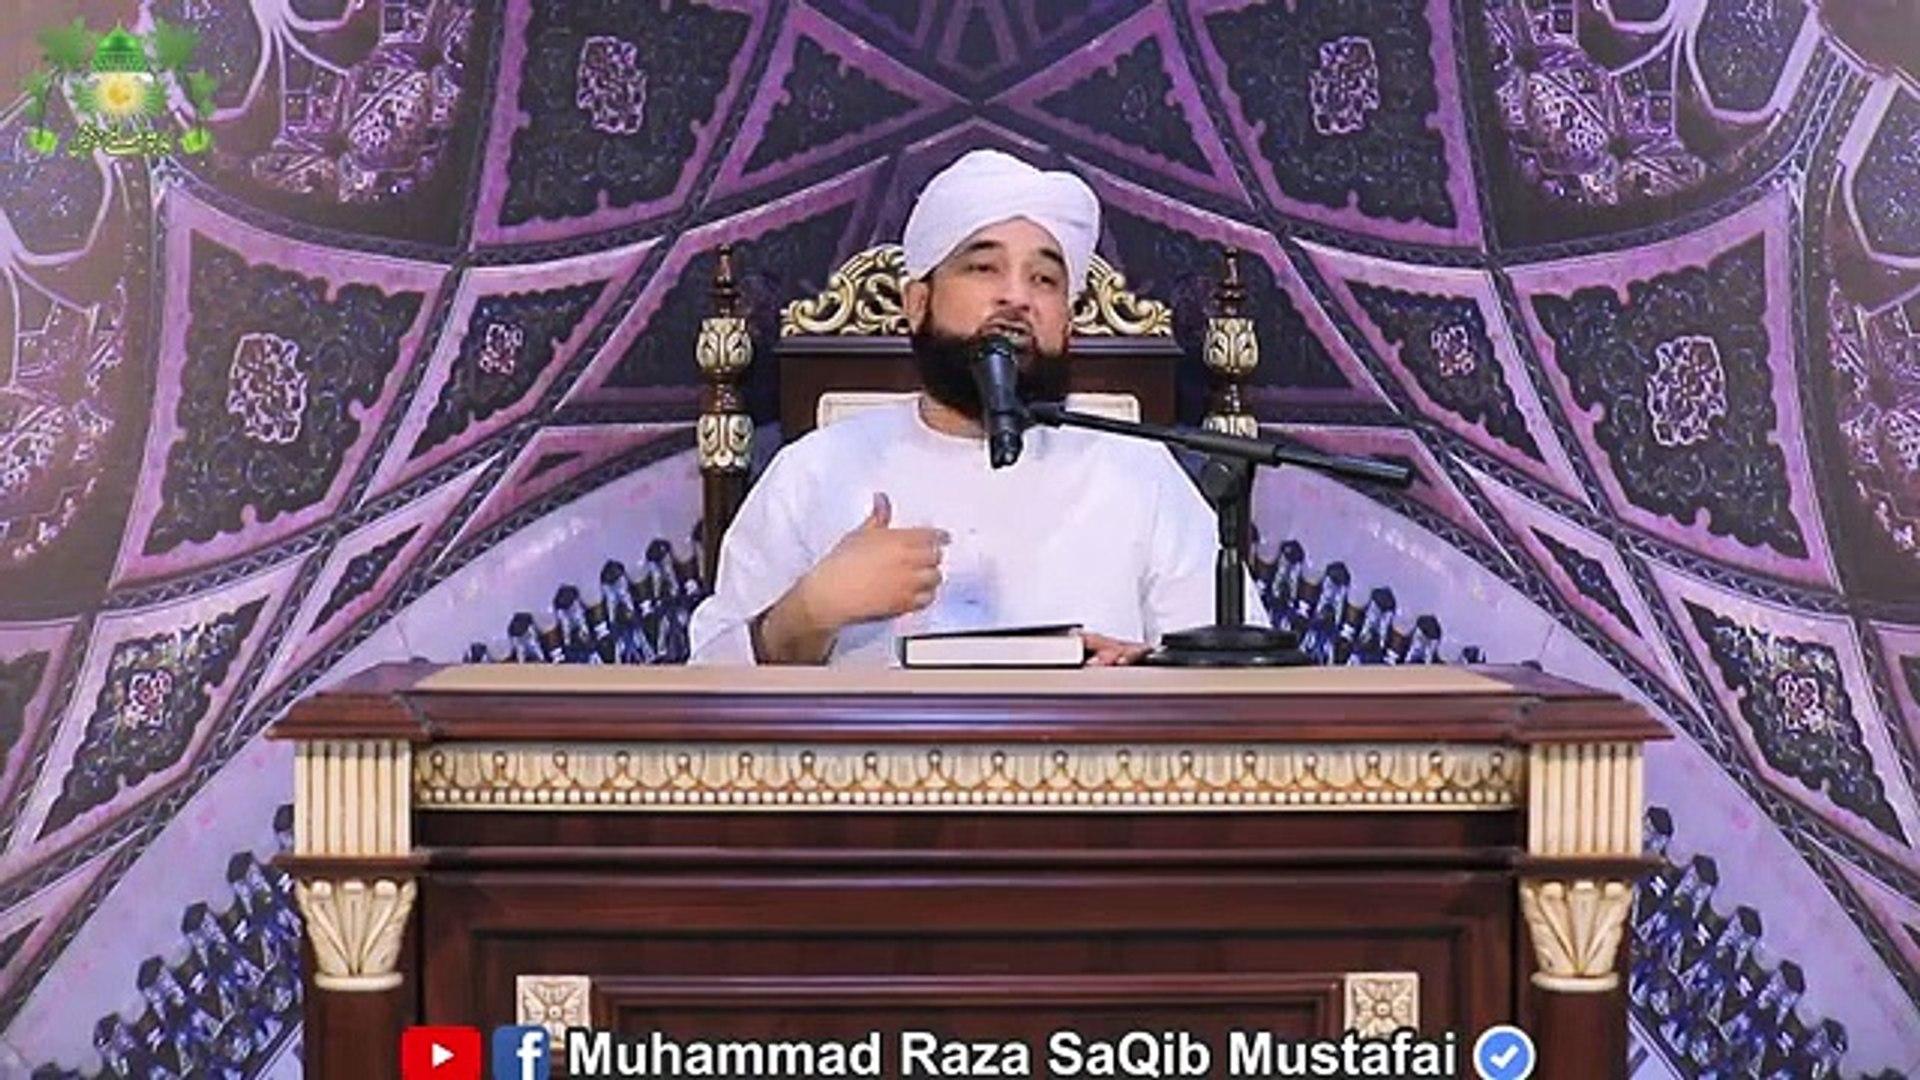 (کوے کی مدد سے لاش دفنا دی گئی)  New Clip Muhammad Raza SaQib Mustafai